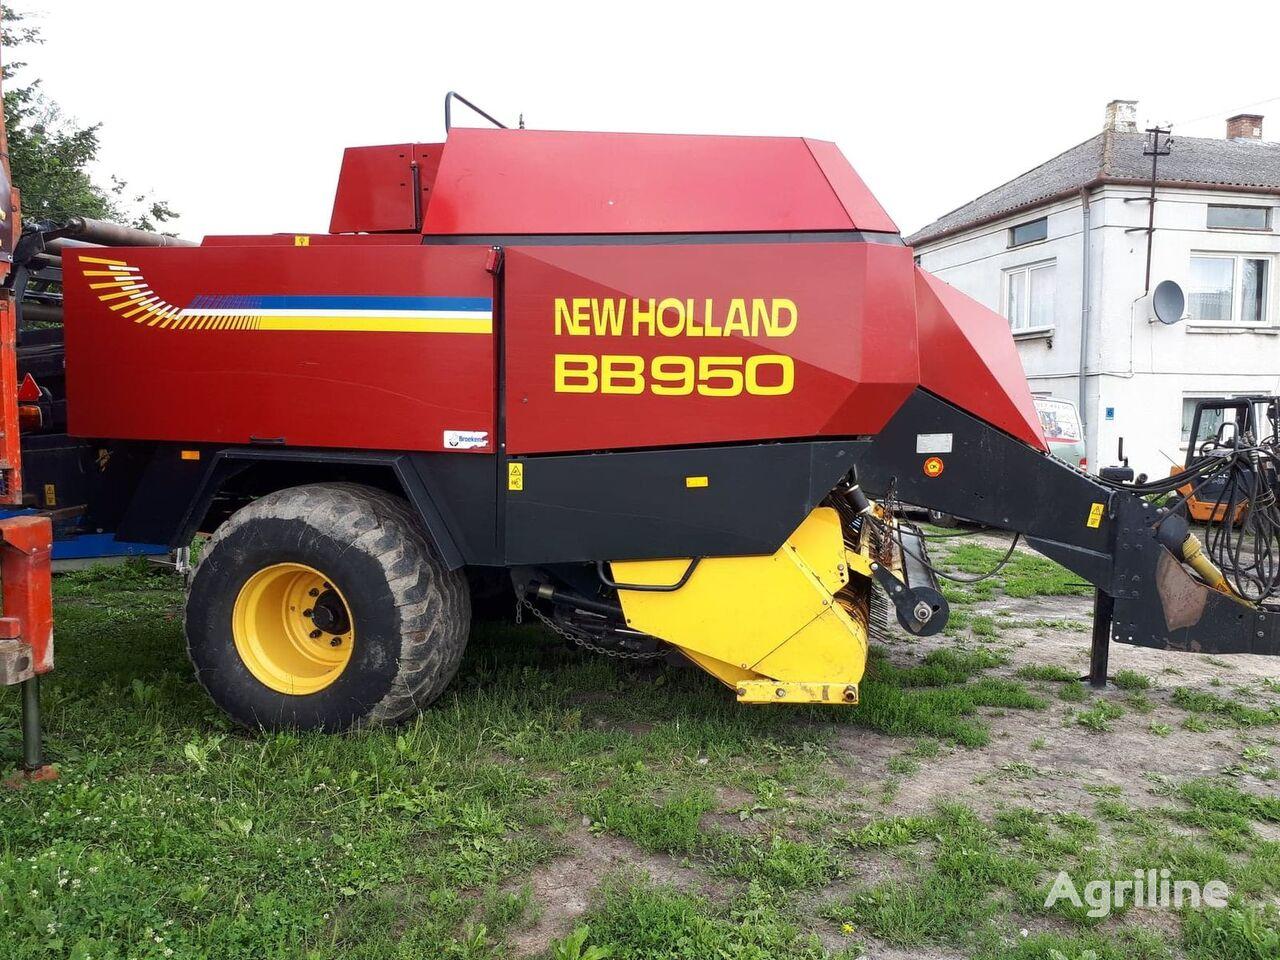 Vendita Di Presse Quadre New Holland Bb 950 Pilnie Pressa